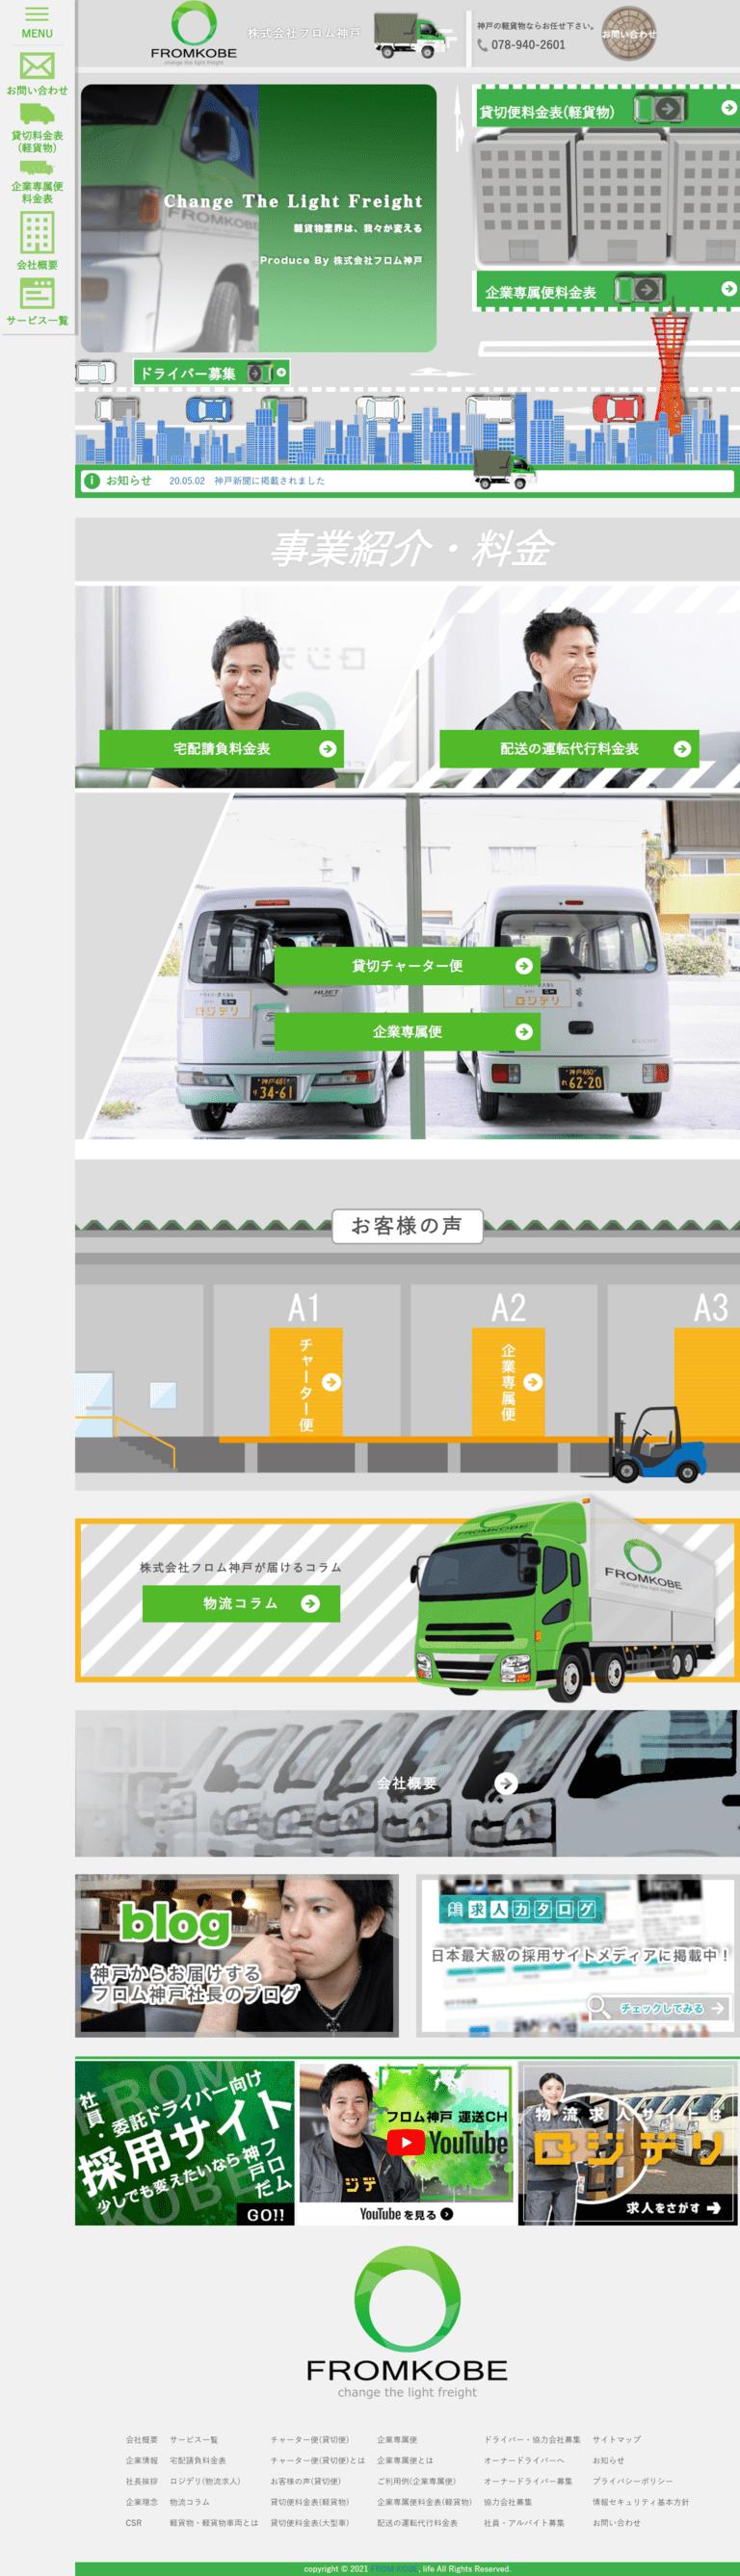 ㈱フロム神戸様 企業サイト